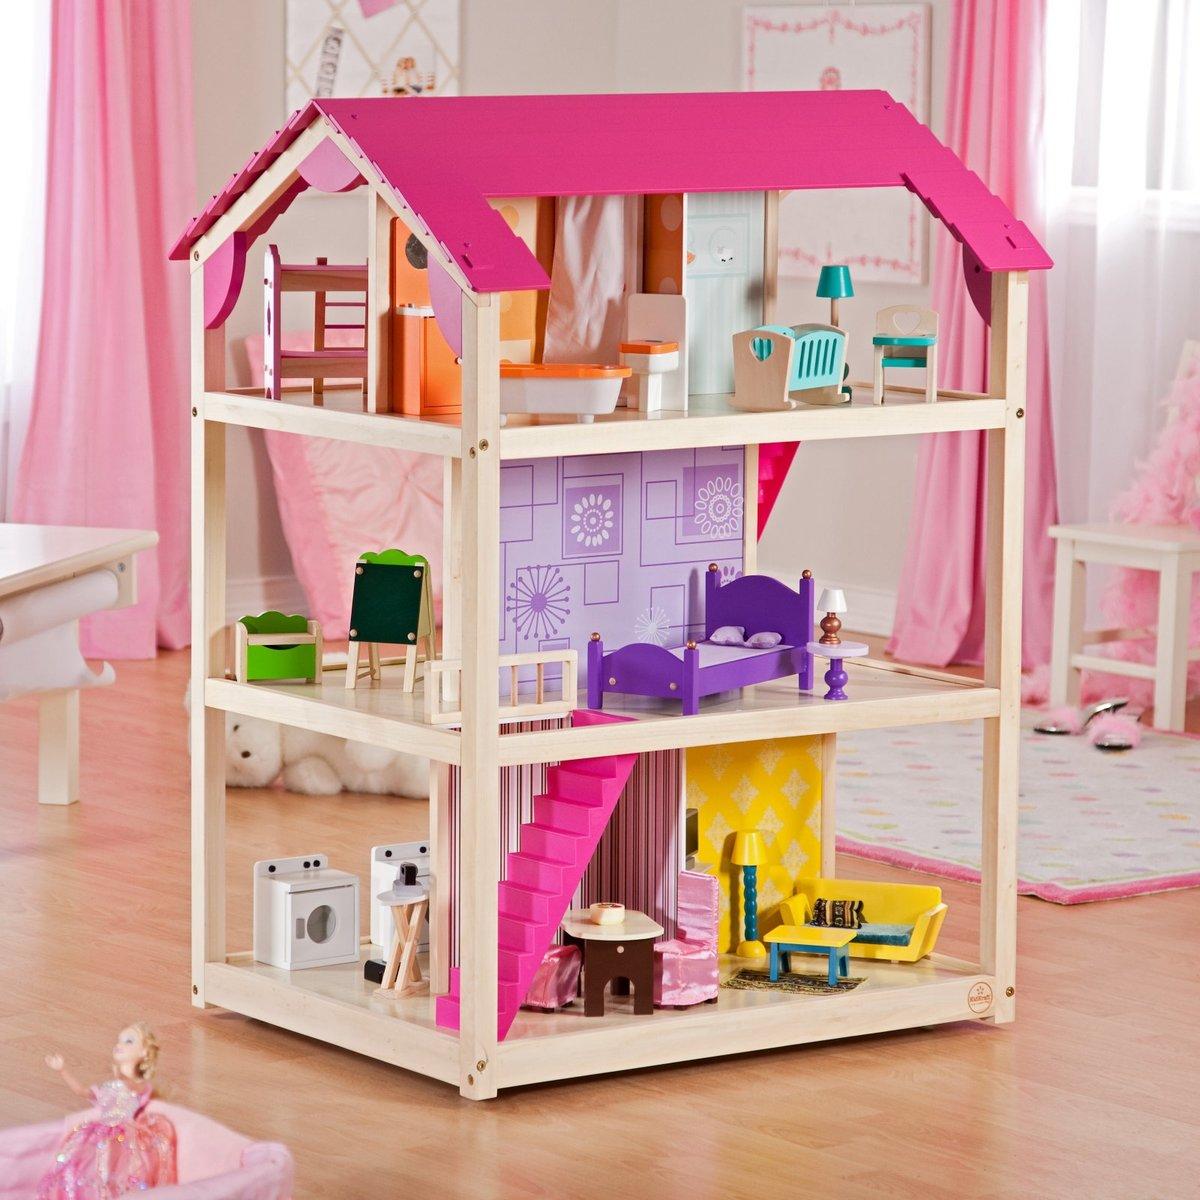 демонстрирует картинки про дома для кукол влюбился нее первой